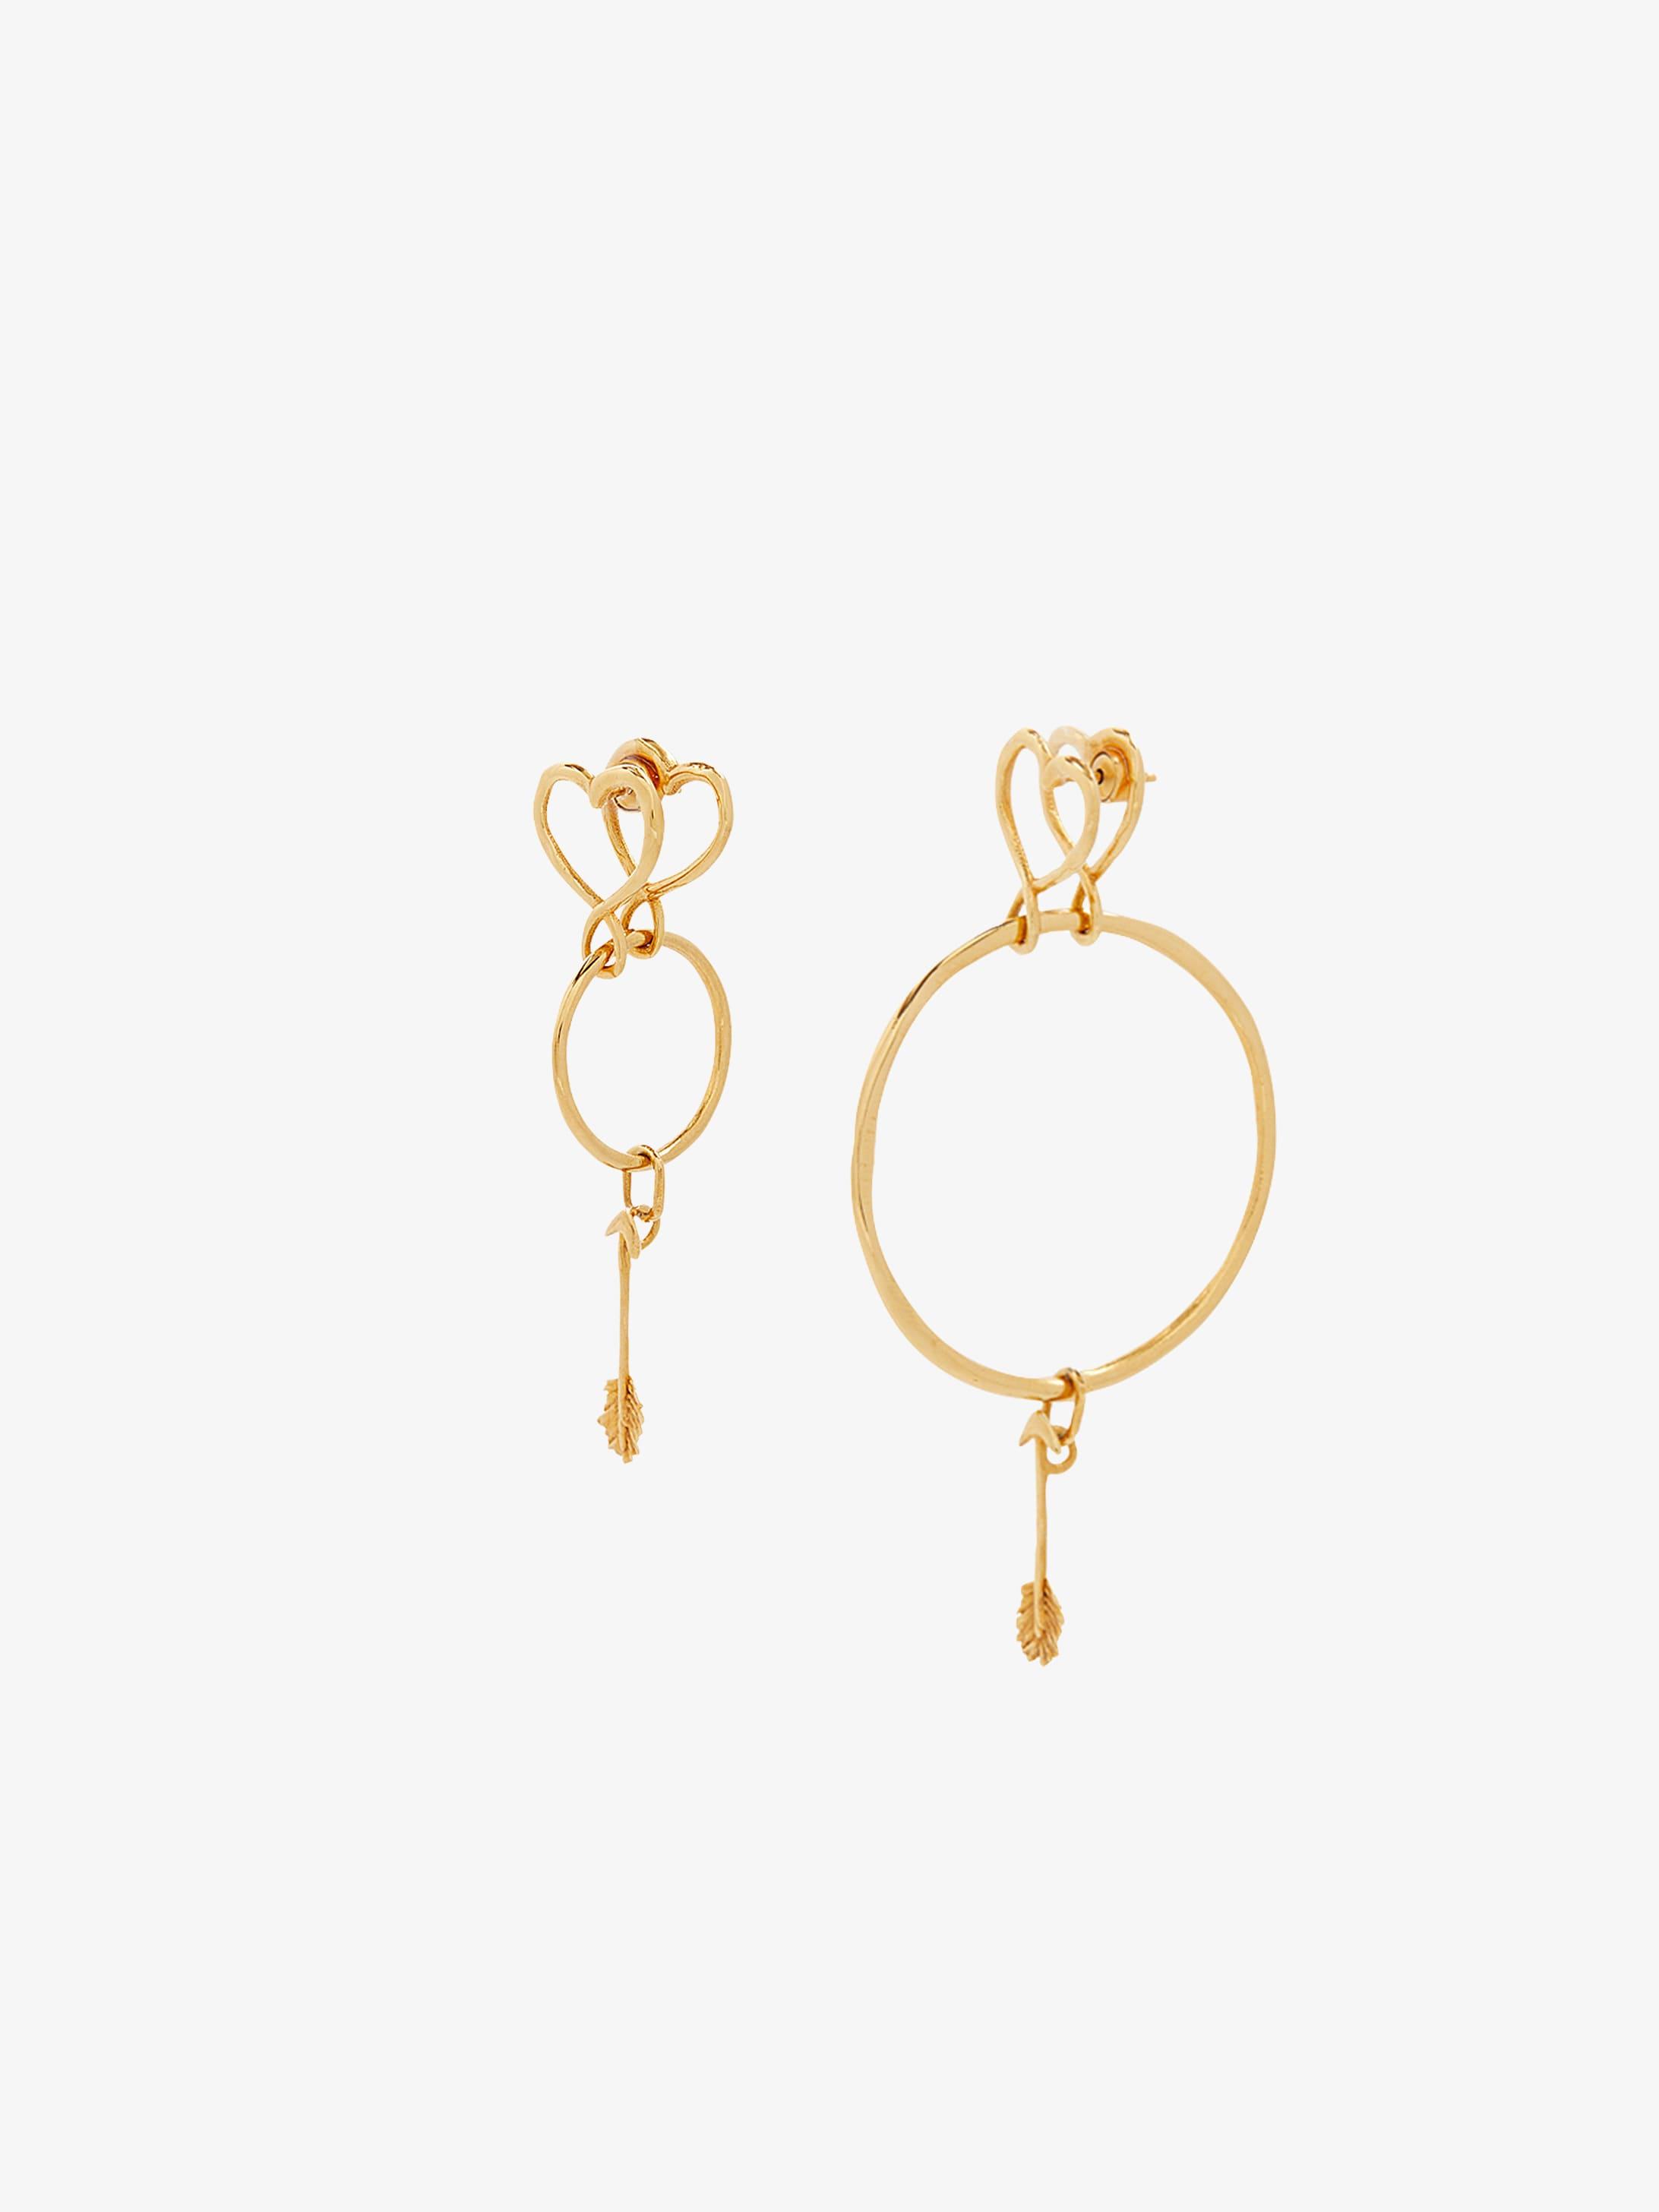 Long heart earrings